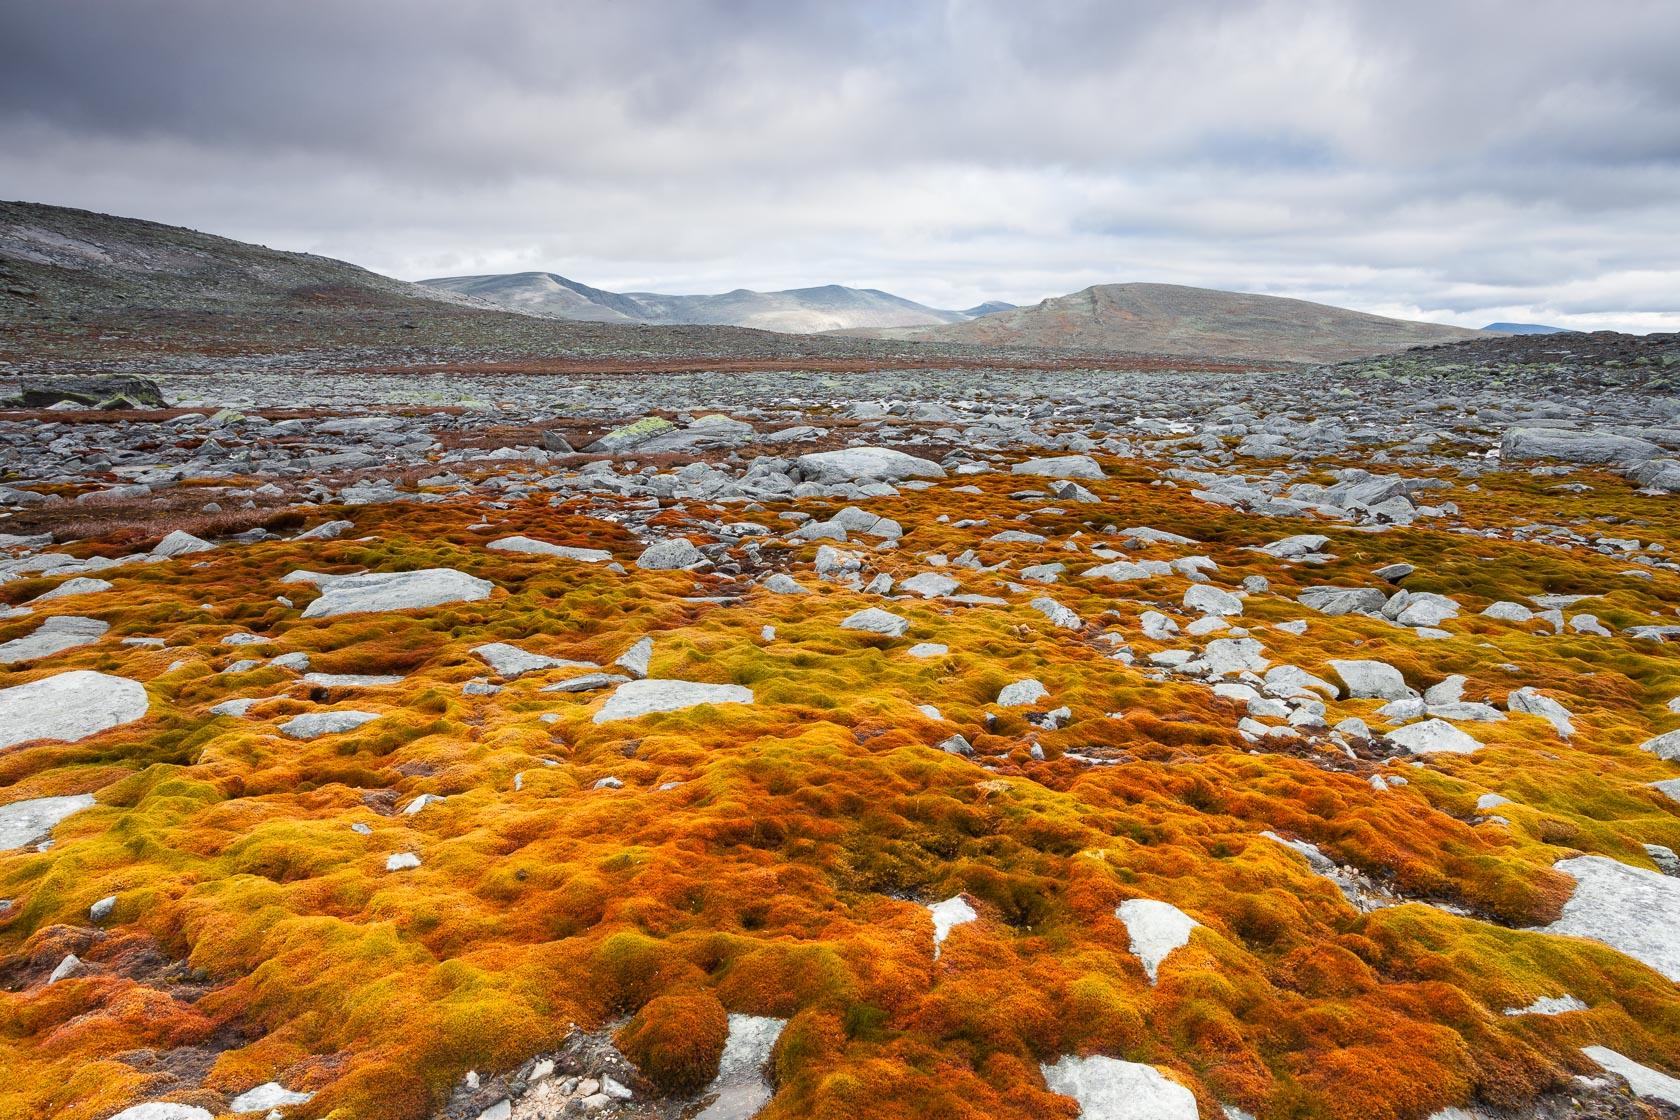 Etendues de mousses bryophytes dans le parc national de Dovrefjell